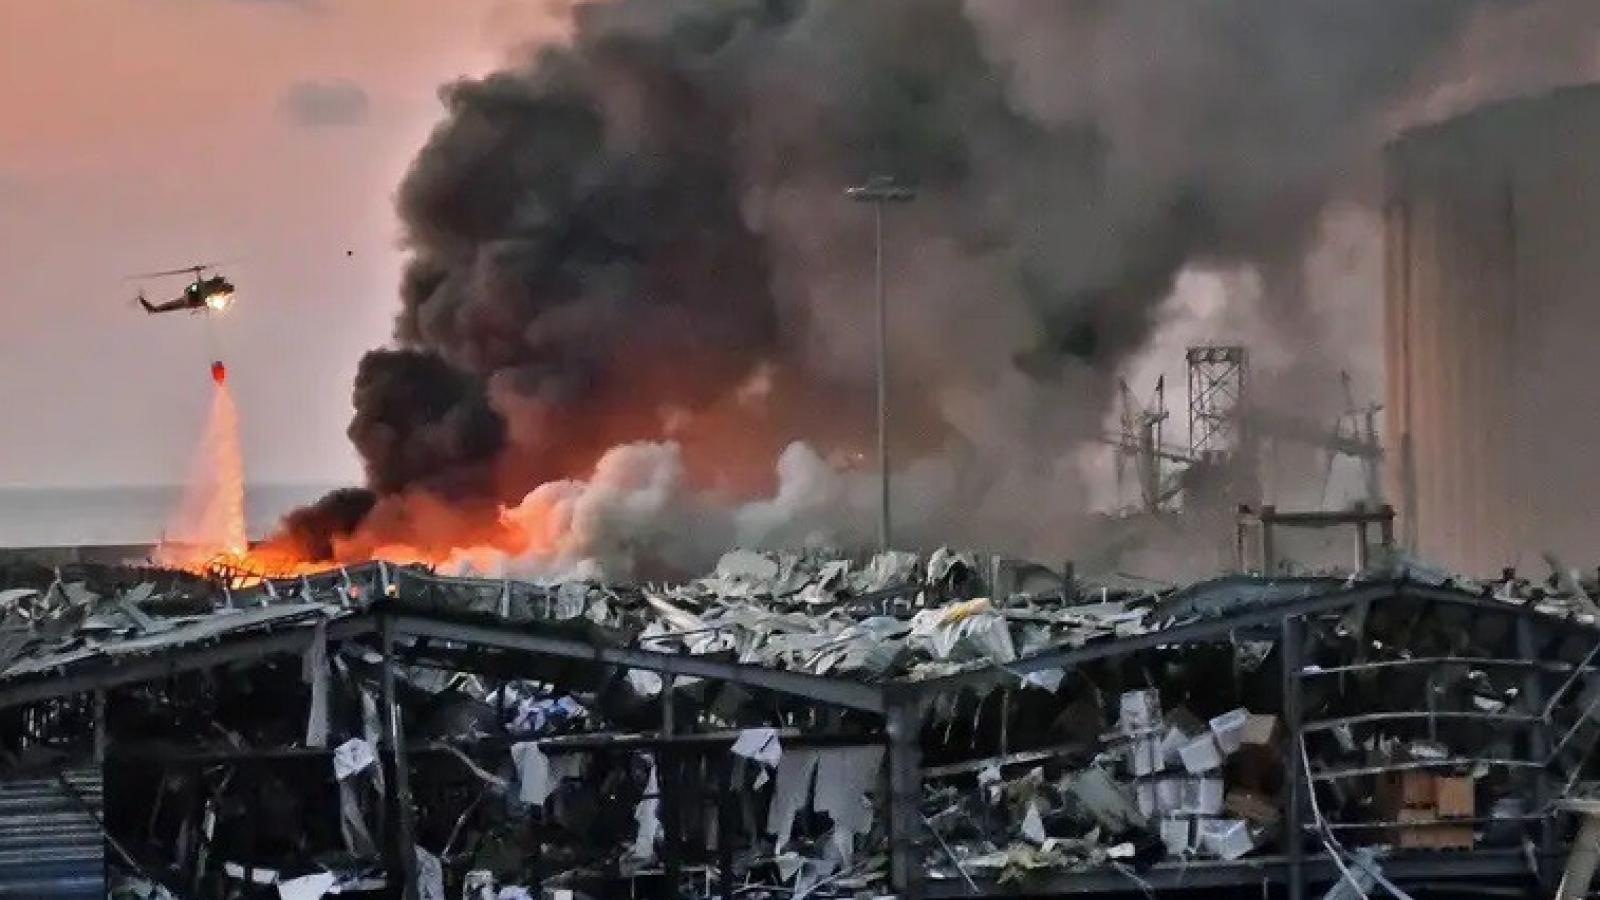 Lebanon phát hiện thêm gần 80 thùng chất nổ, tiềm ẩn nguy cơ thảm họa